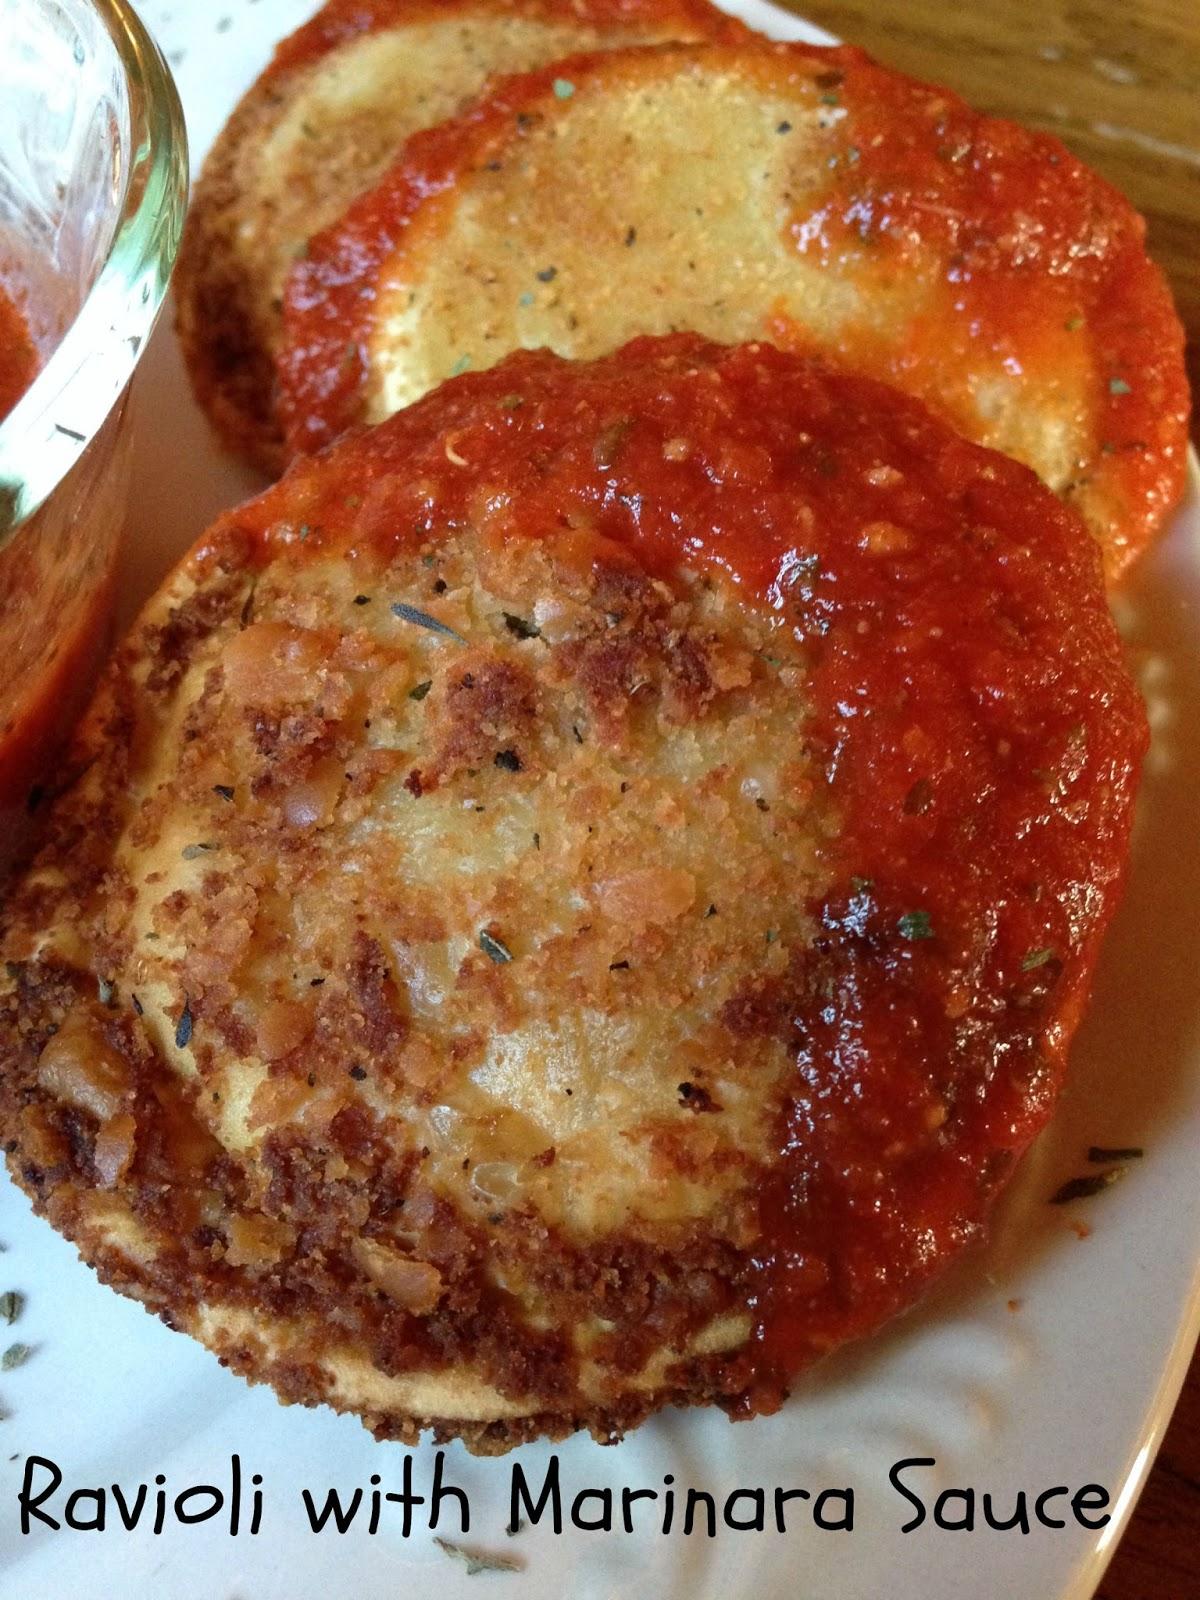 Turnips 2 Tangerines: Toasted Ravioli with Marinara Sauce